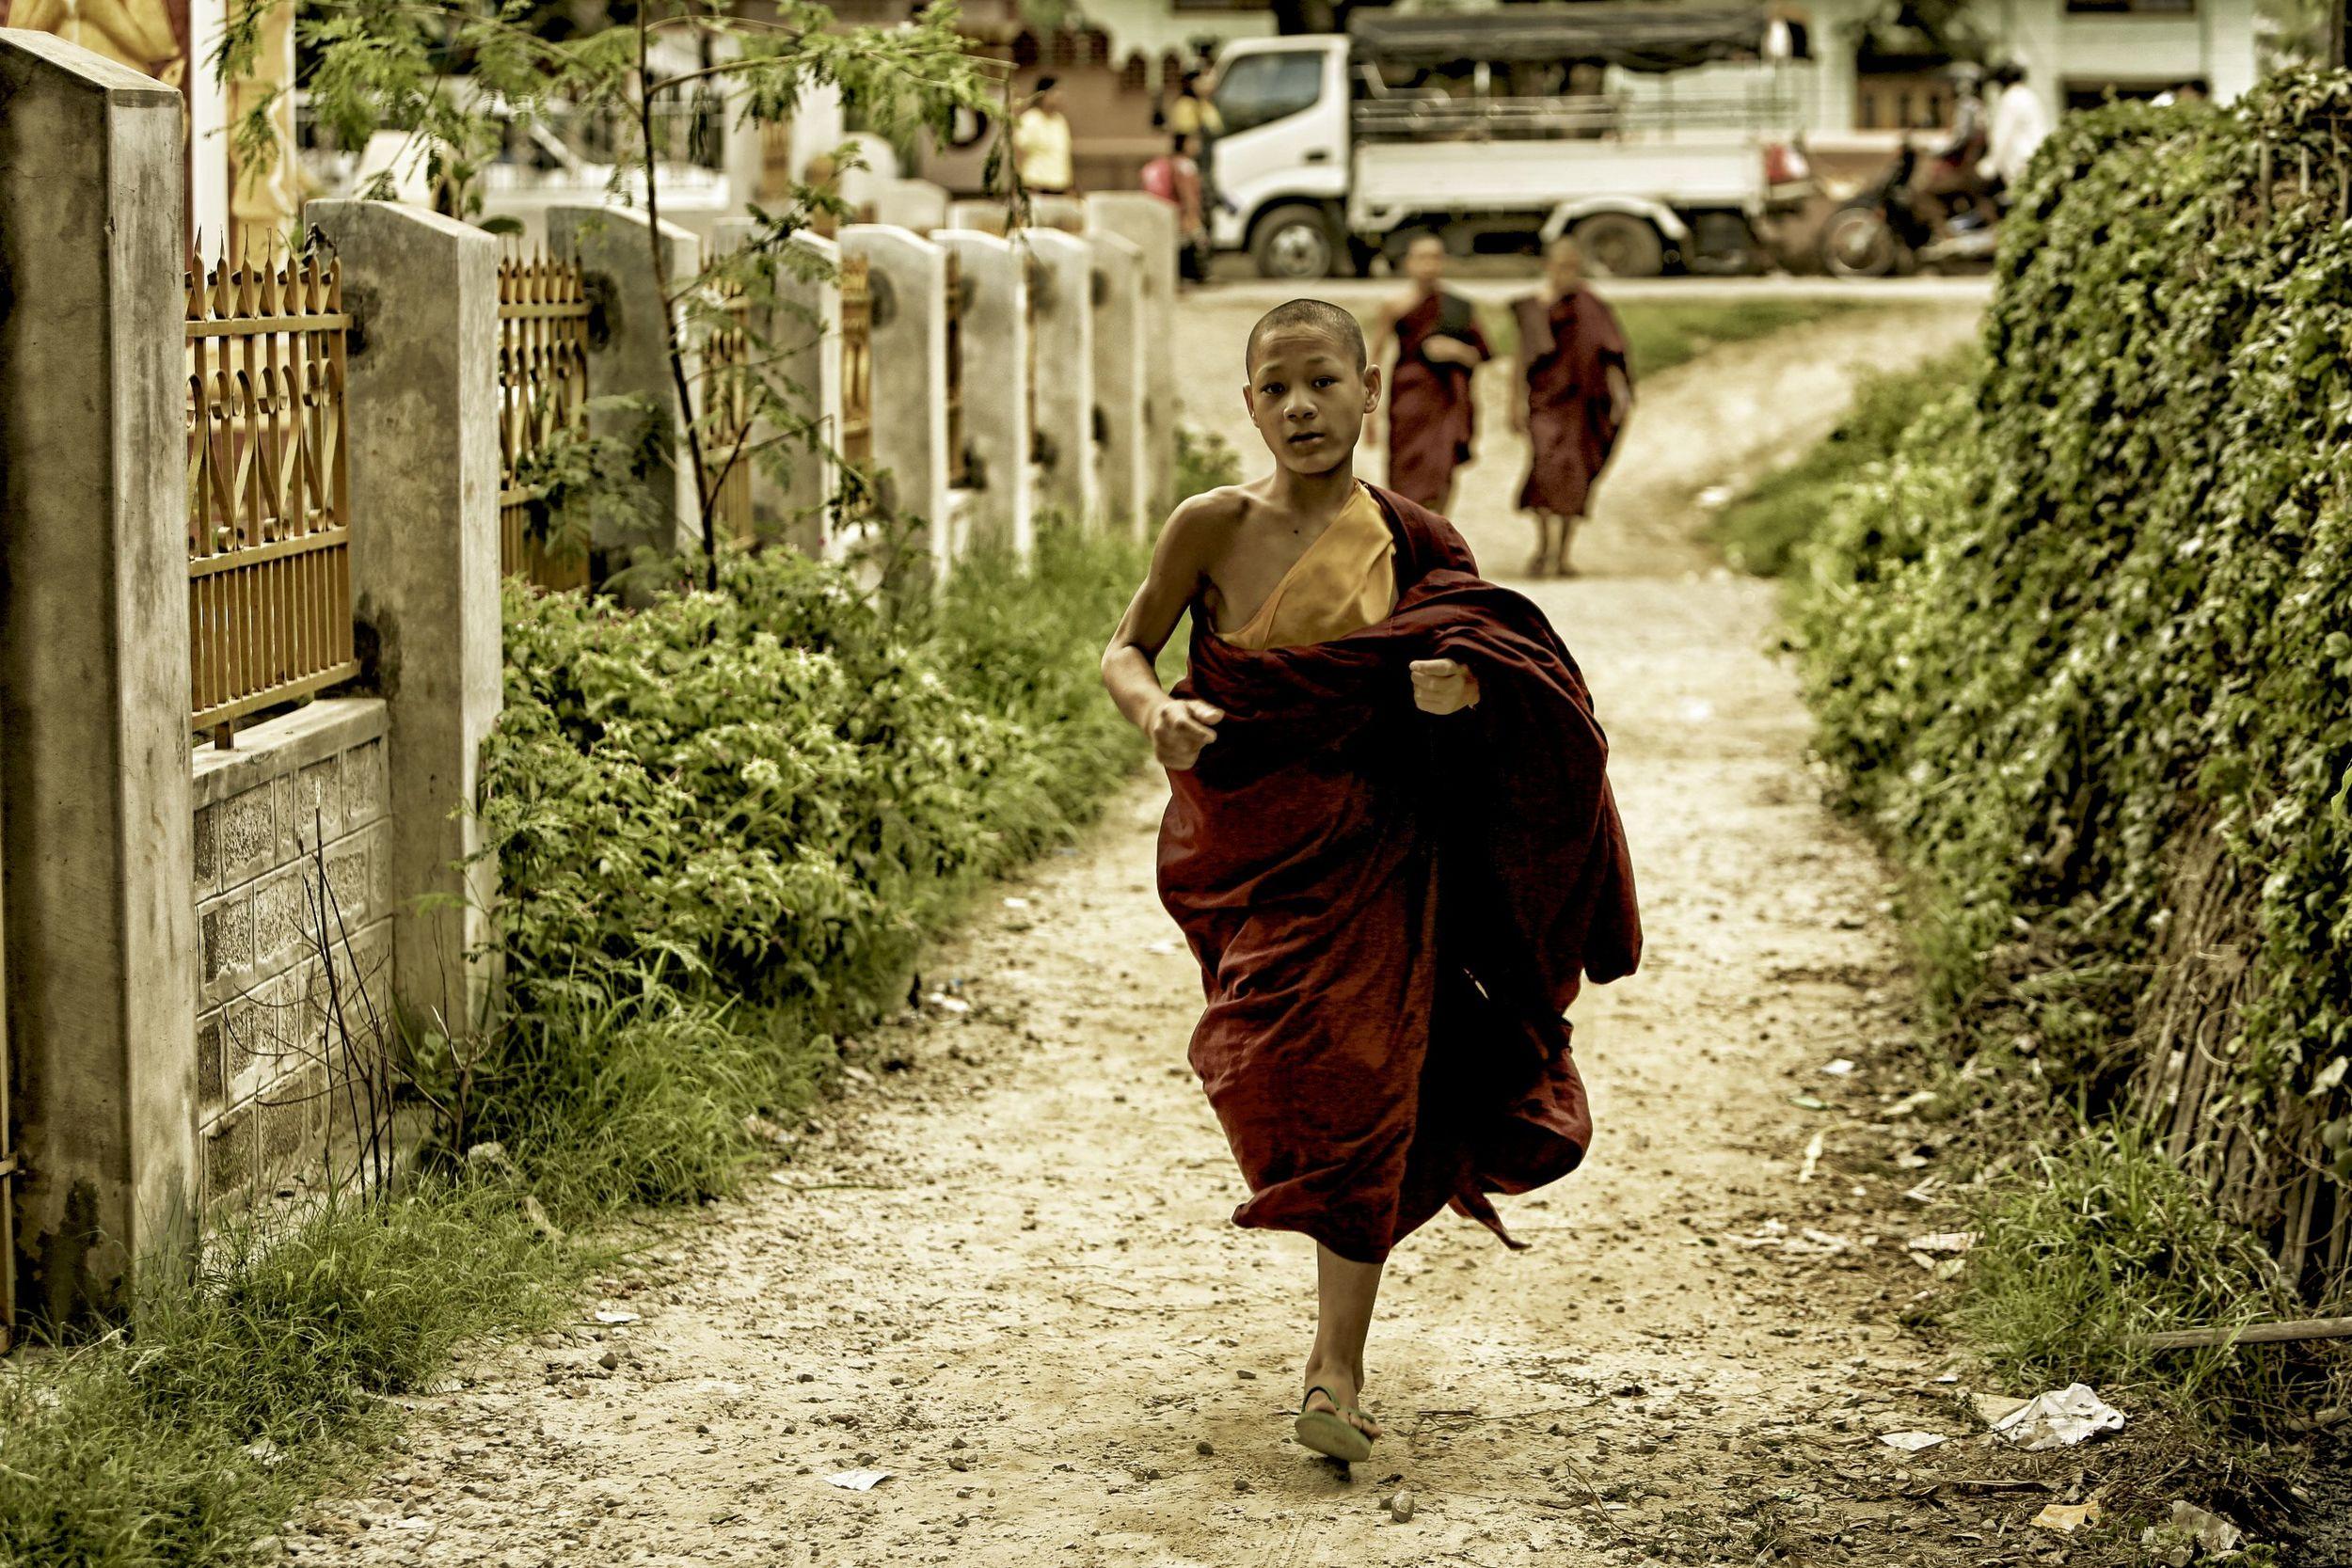 Monk in Alley.JPG